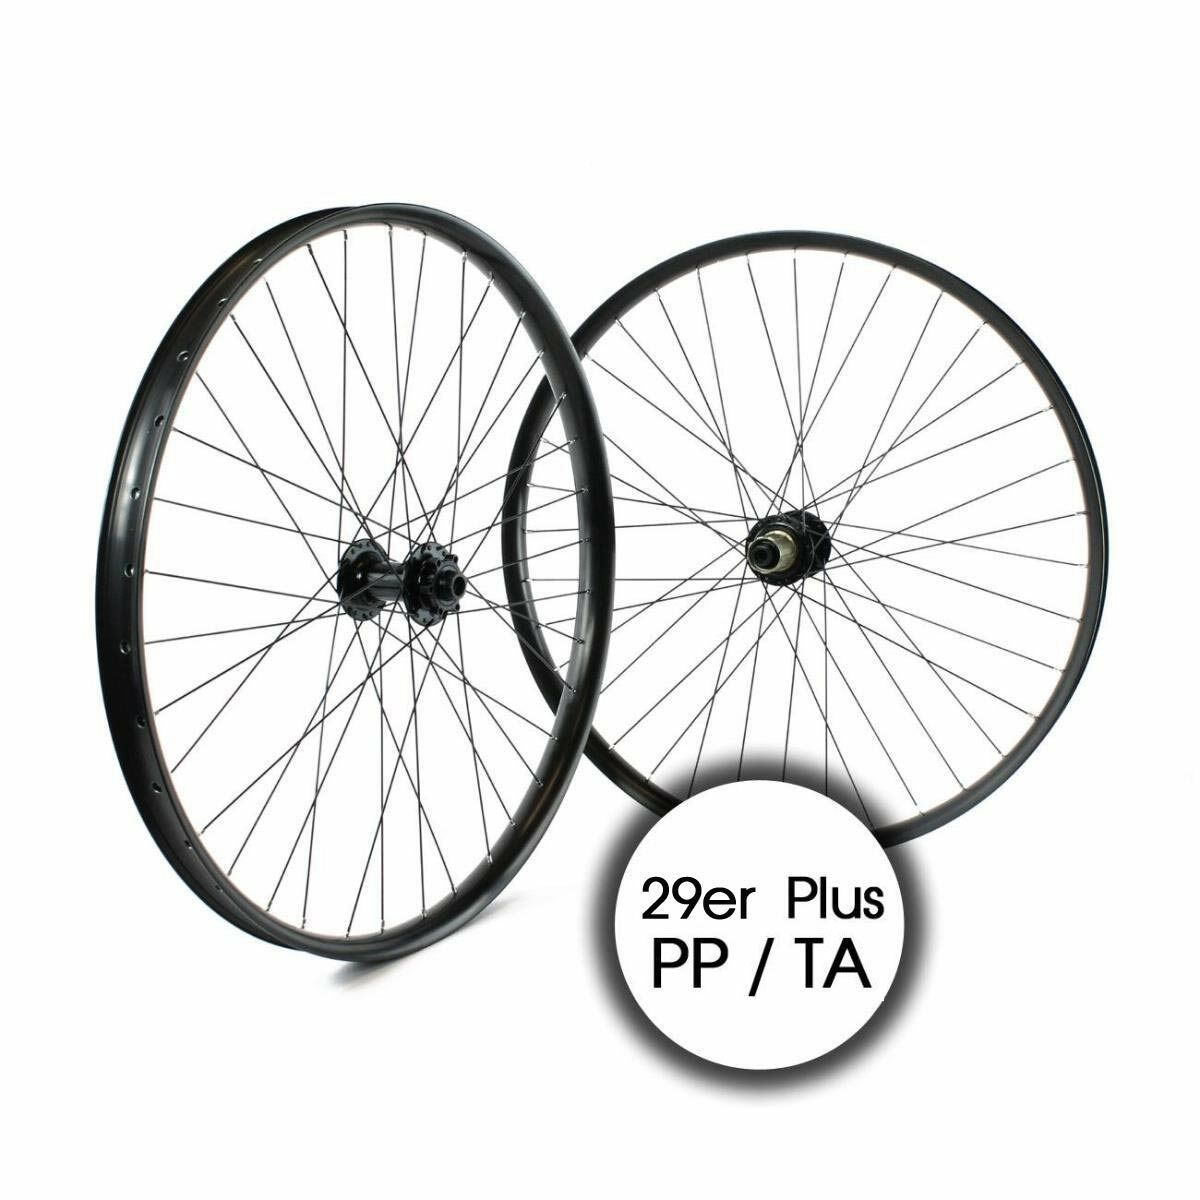 Paar Räder mtb 29er plus 11v Scheibe black BRT29ER0042P RIDEWILL BIKE Fahrrad